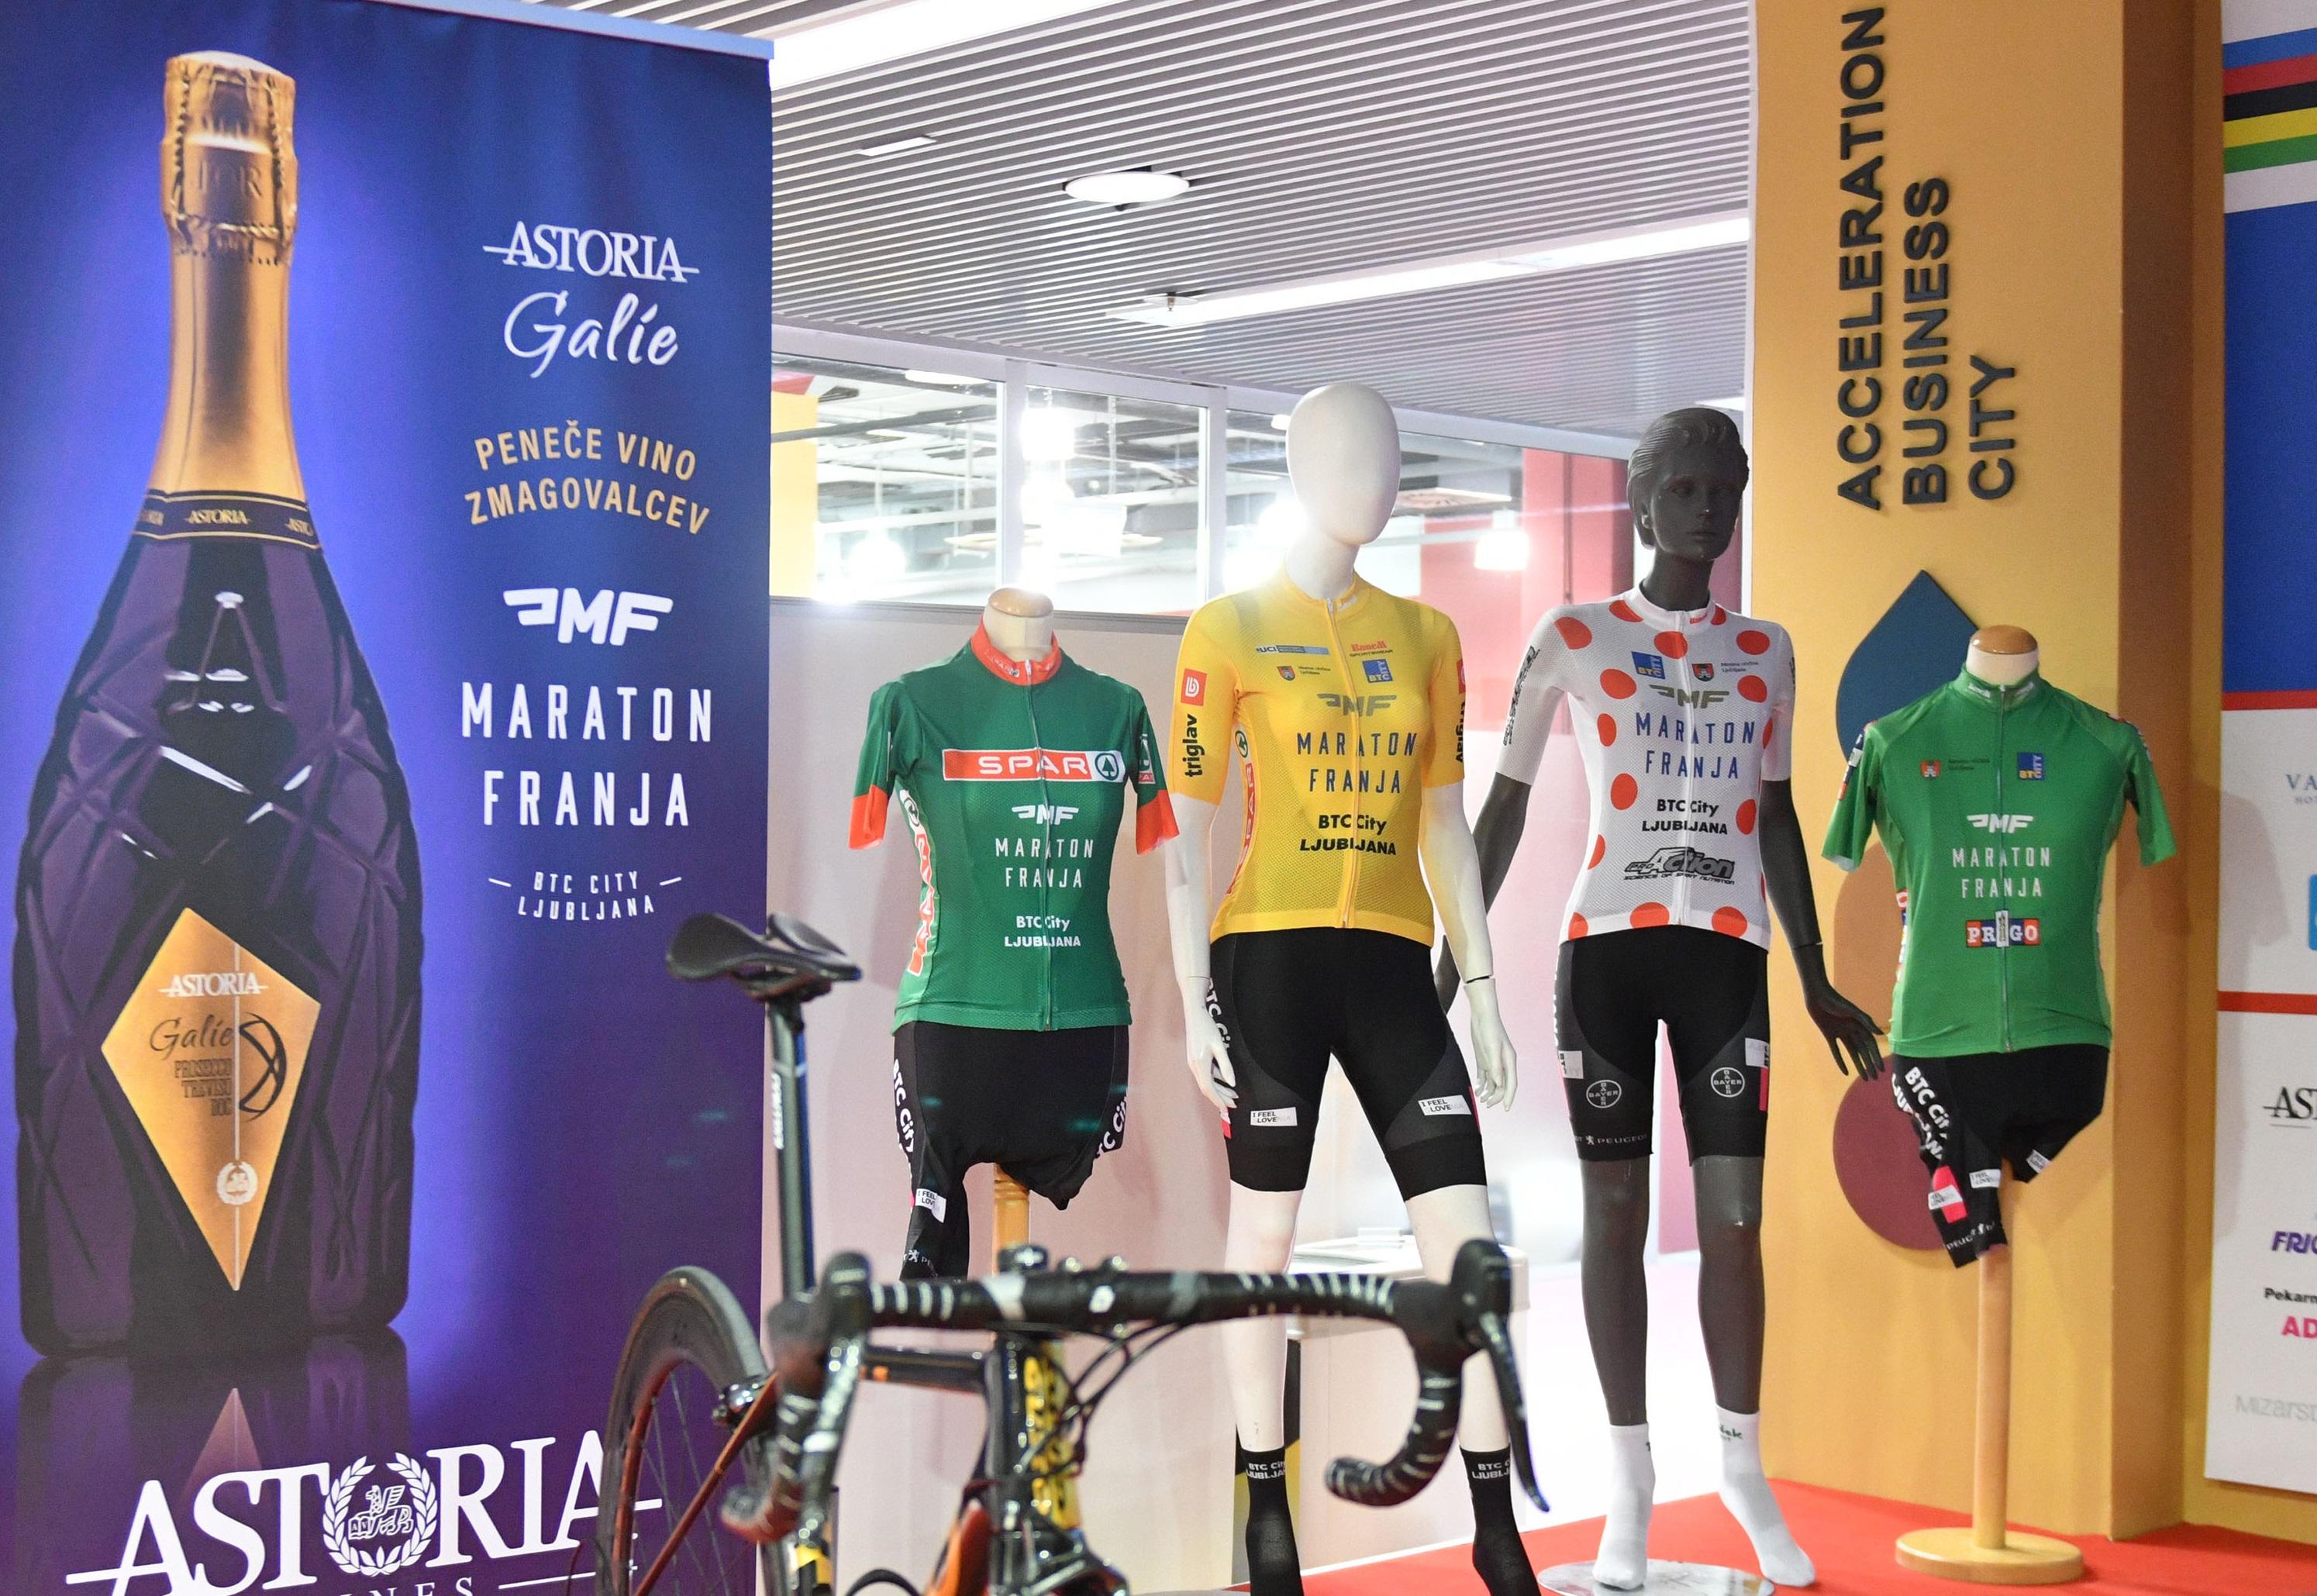 38. Maratona Franja BTC City, pripravljeni na nove kolesarske preizkušnje